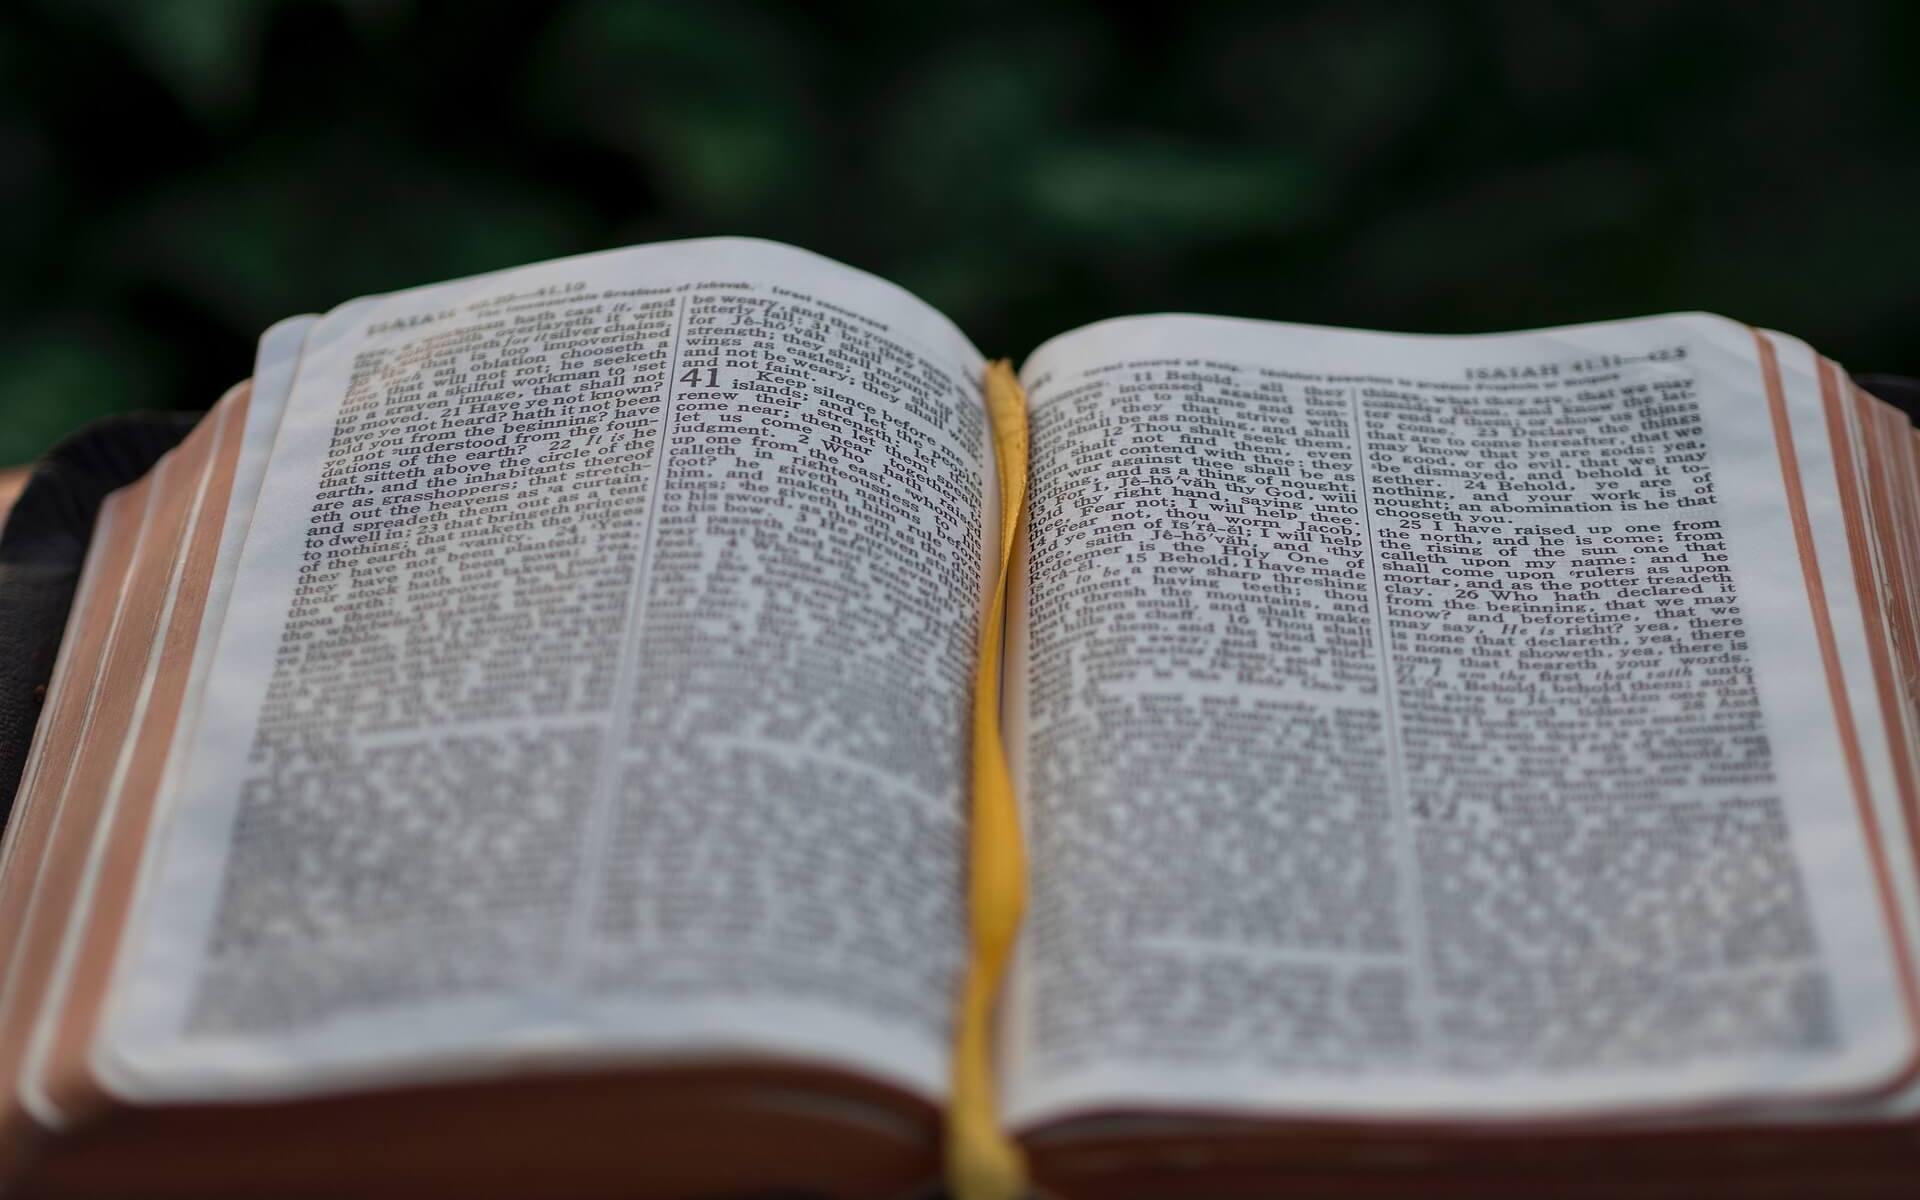 Bibel, Symbolbild für den Glauben